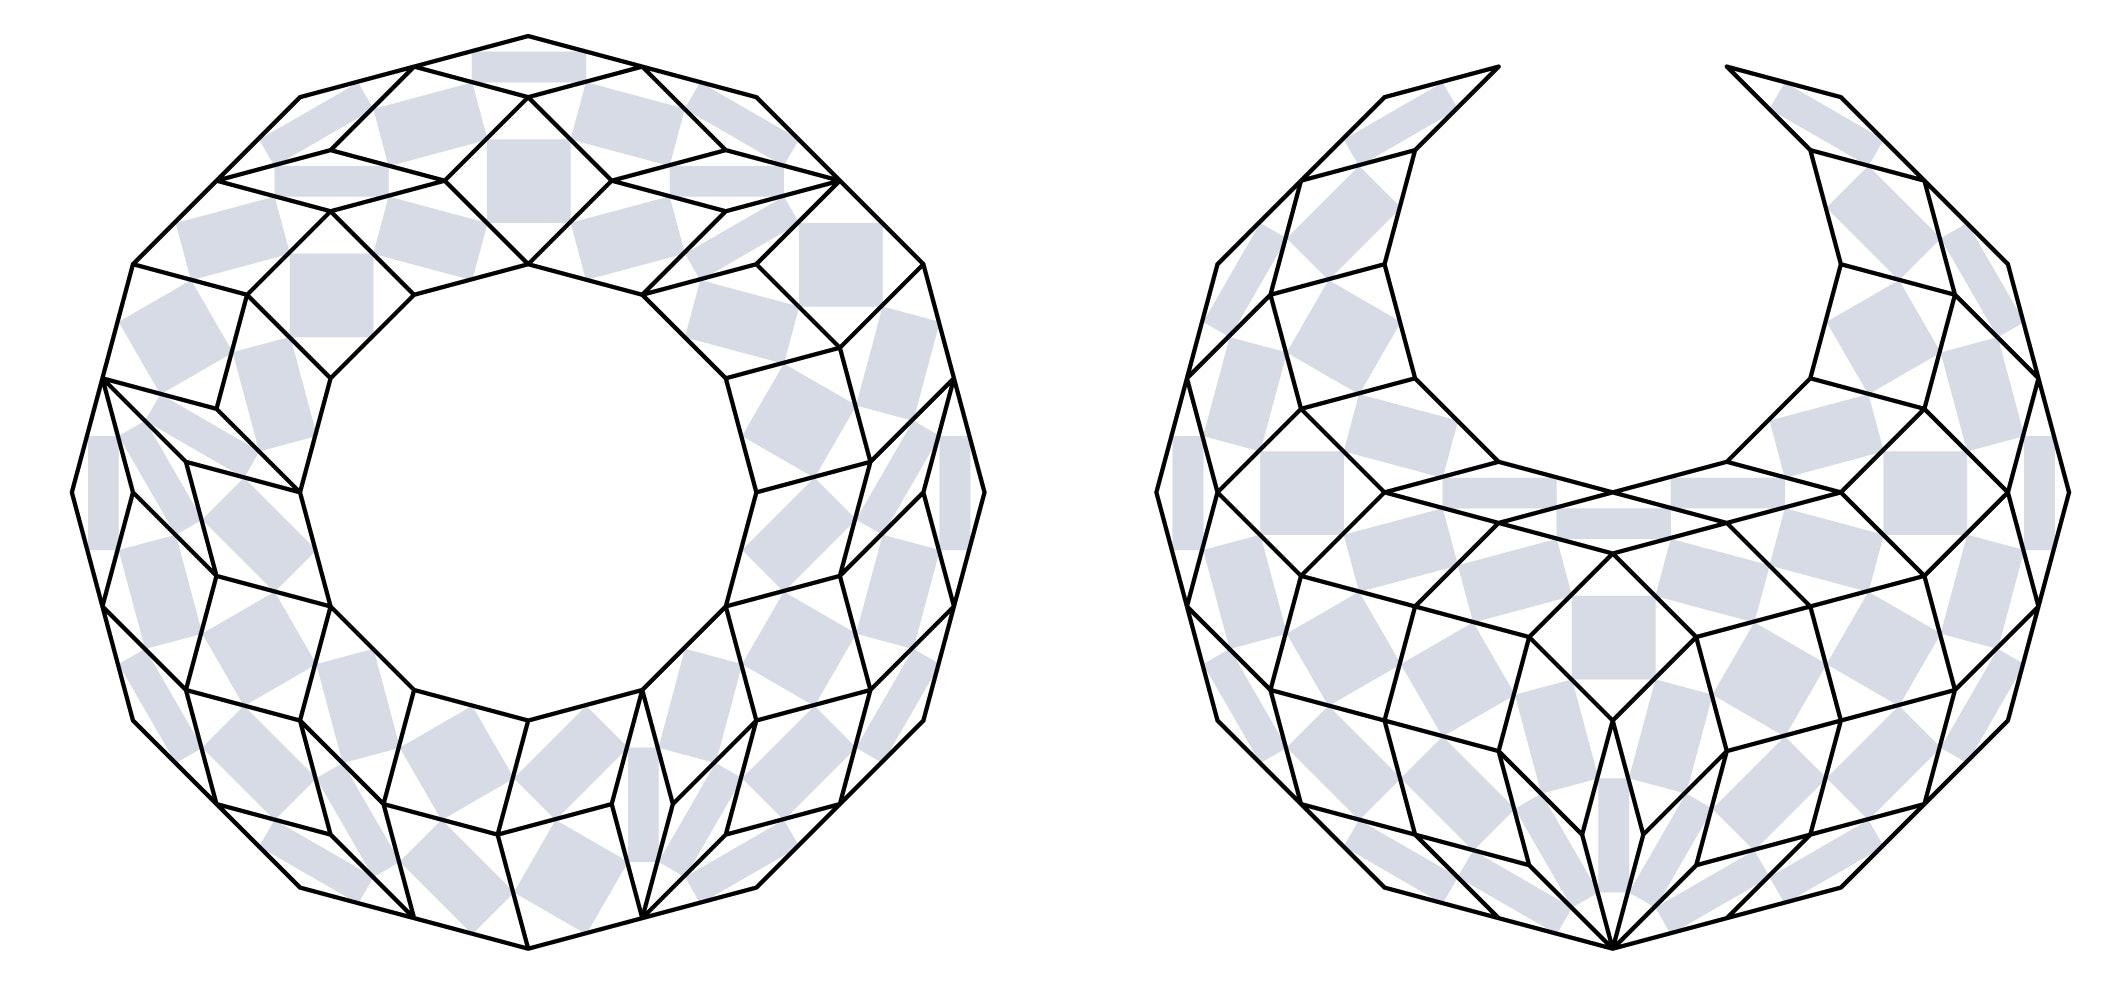 fig2_4-01.tif